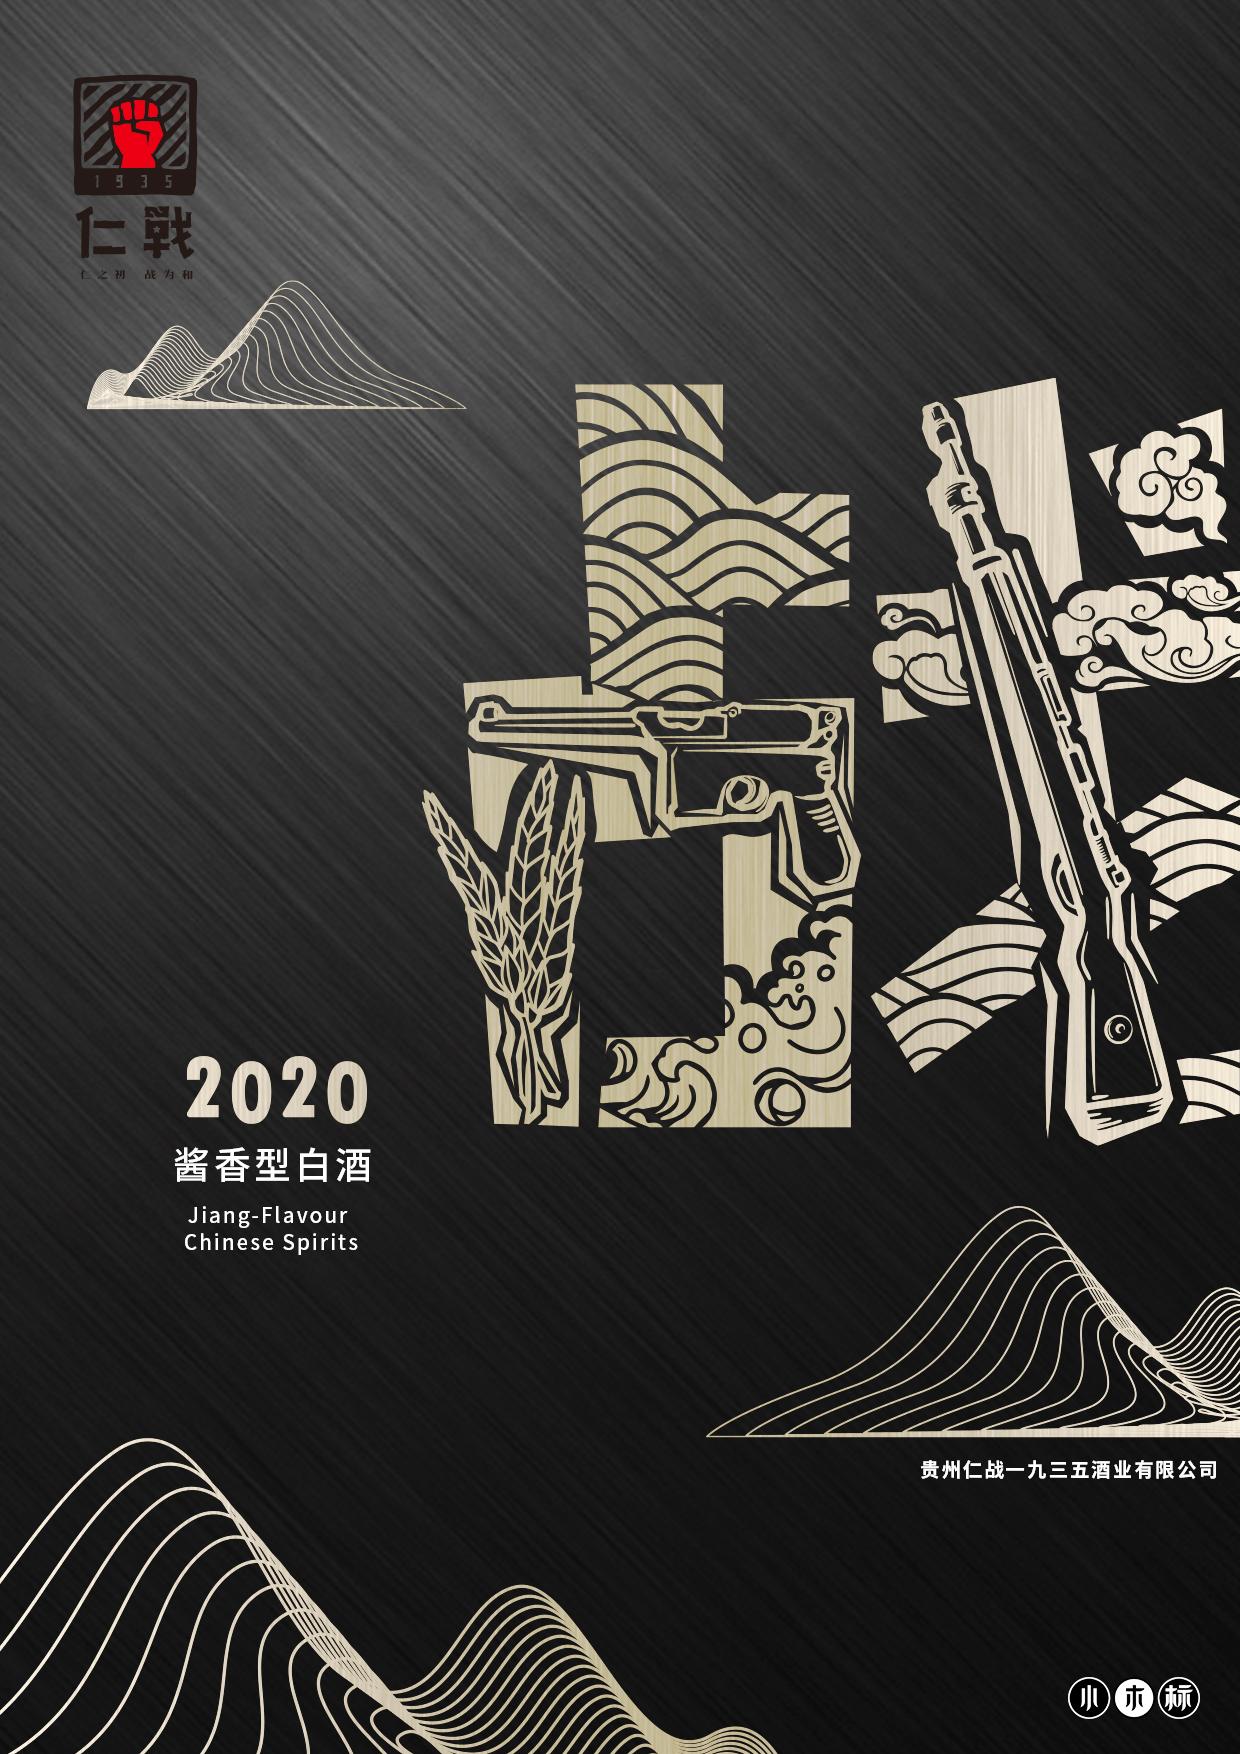 贵州仁战酒:仁之初,战为和